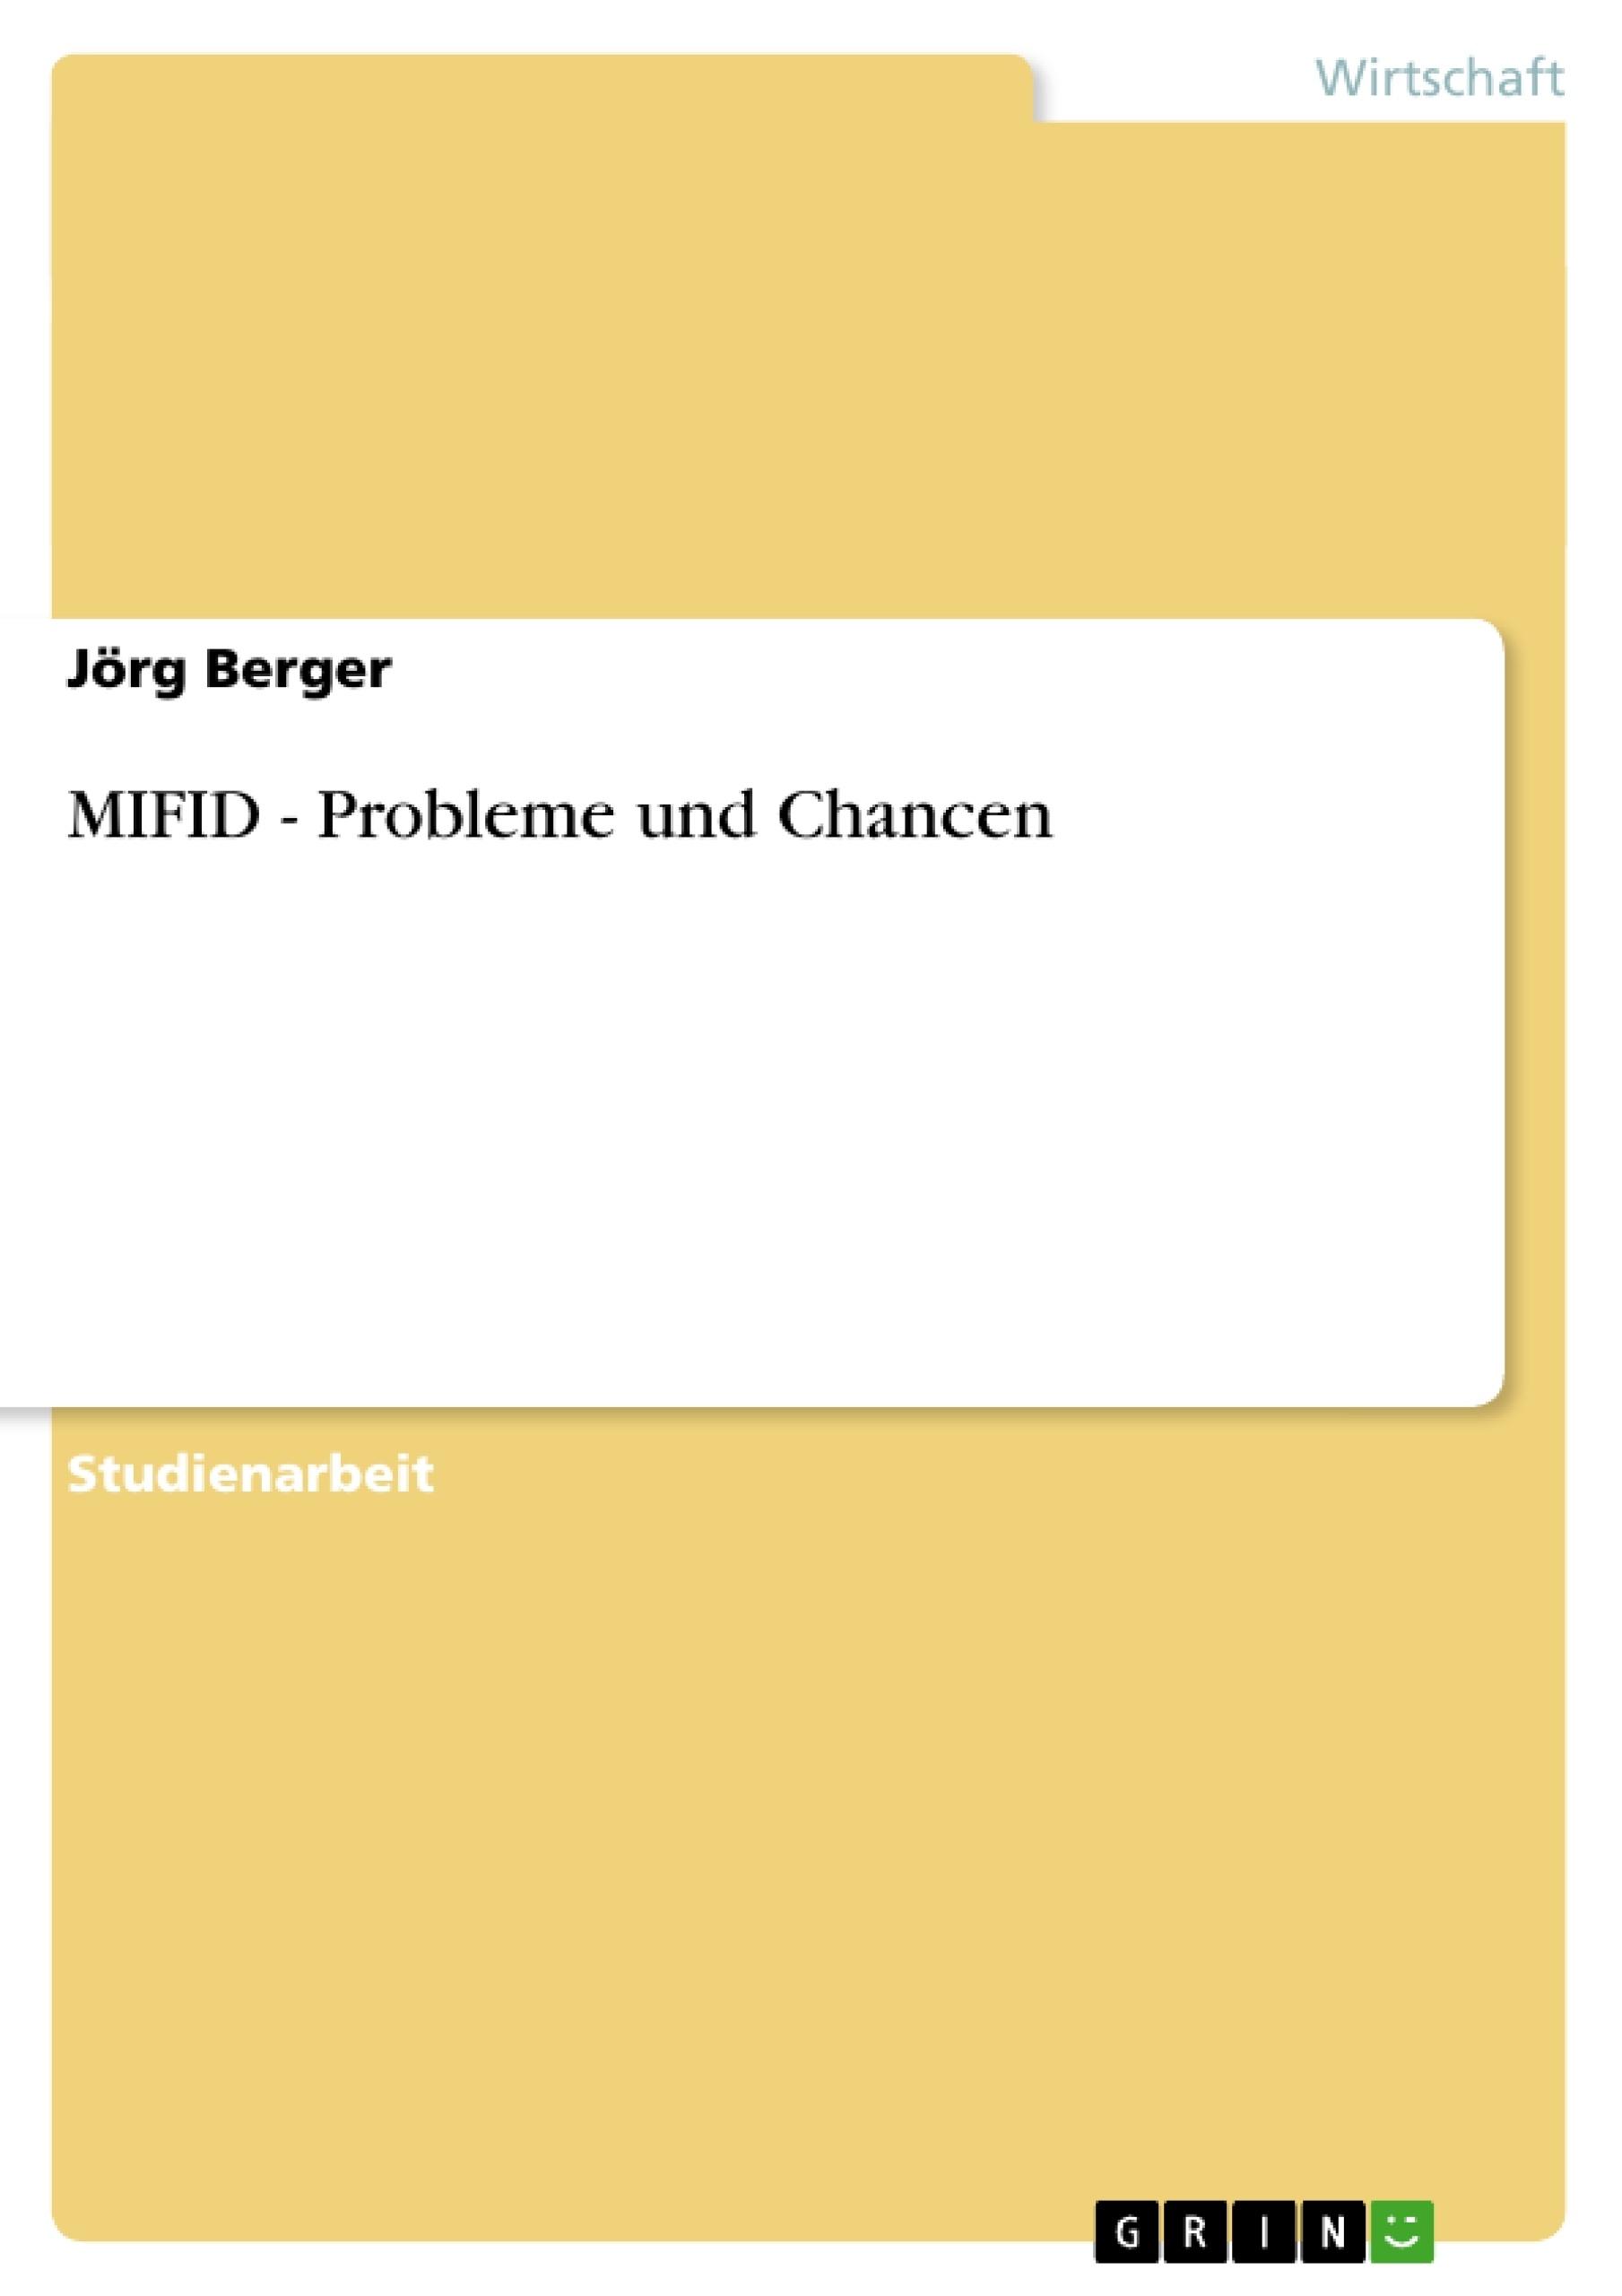 Titel: MIFID - Probleme und Chancen